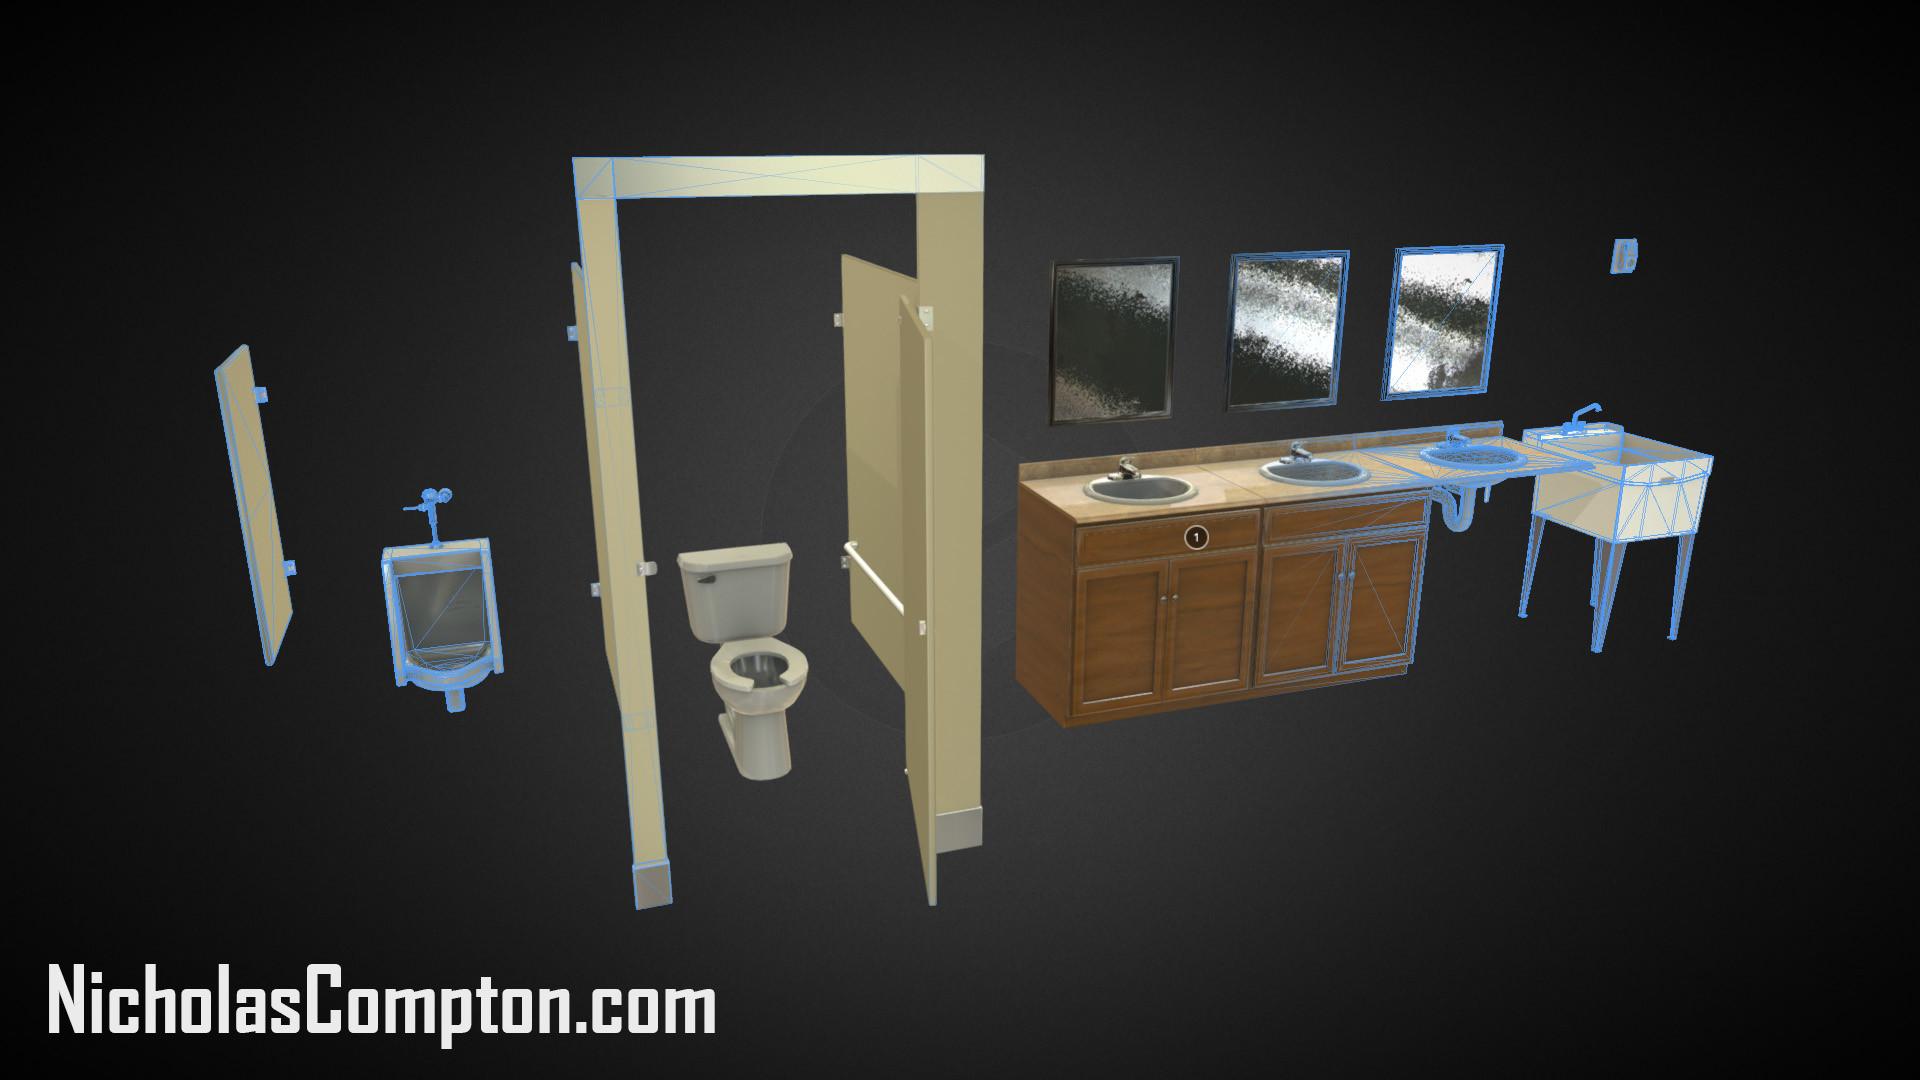 Nick compton restroom